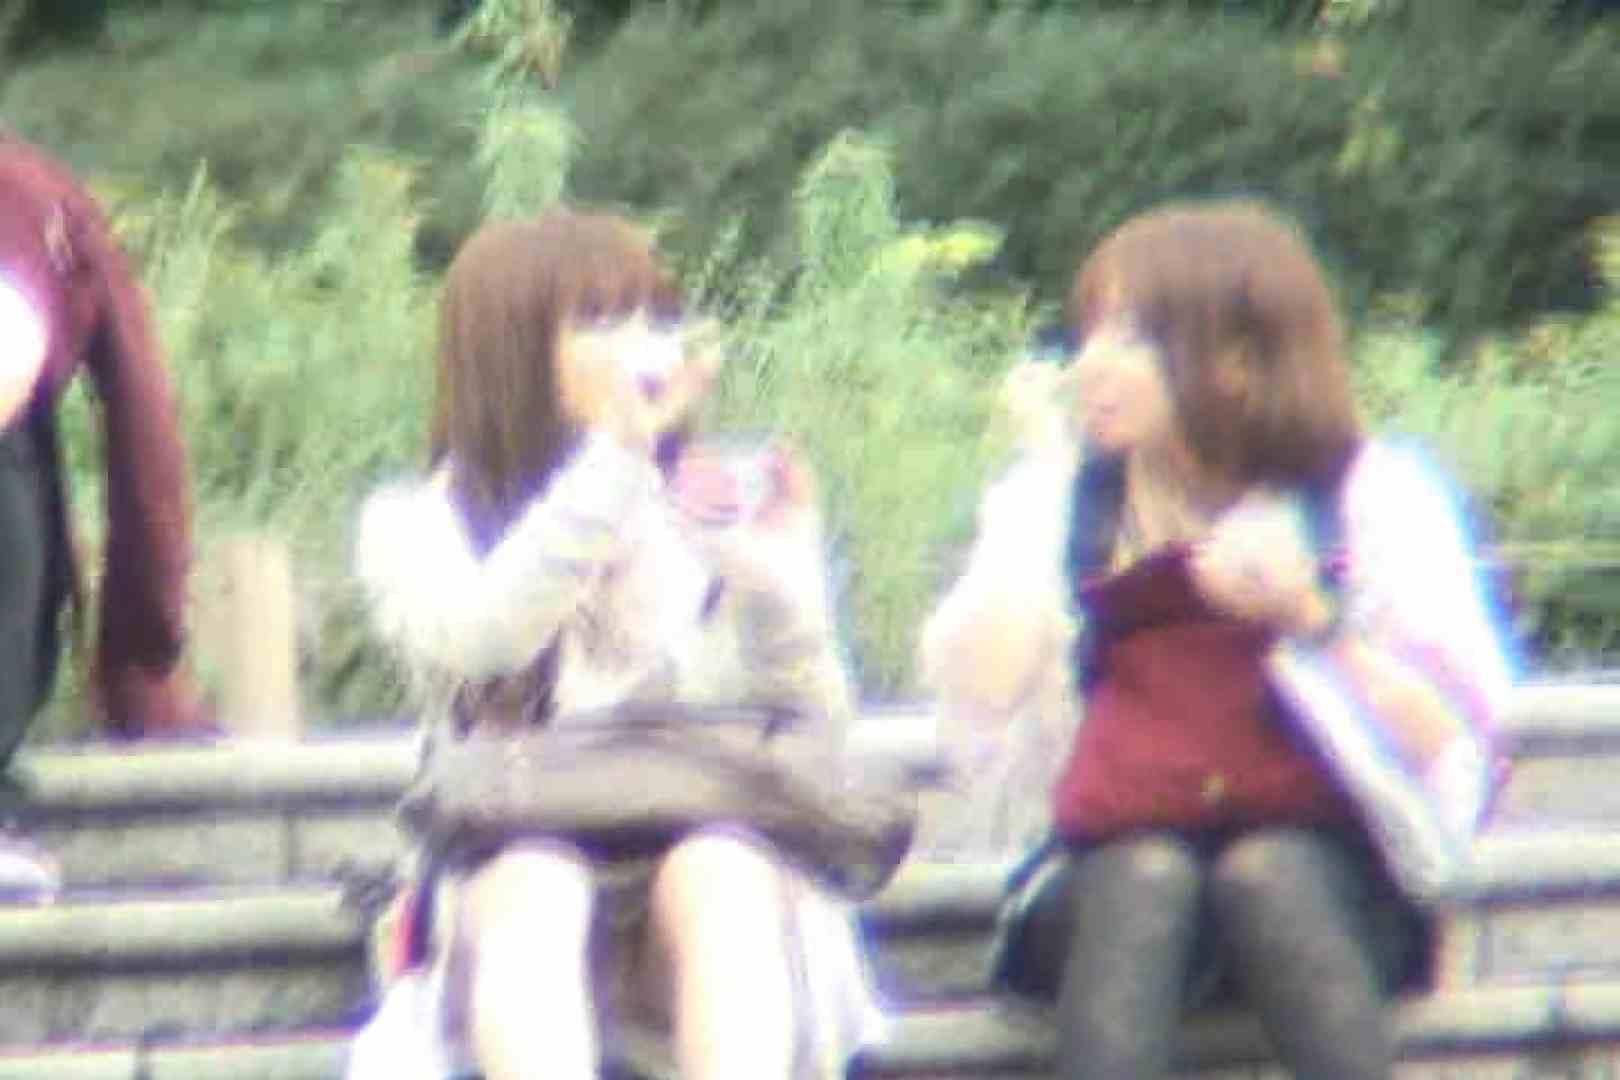 超最新版!春夏秋冬 vol.04 丸見え 濡れ場動画紹介 98pic 8